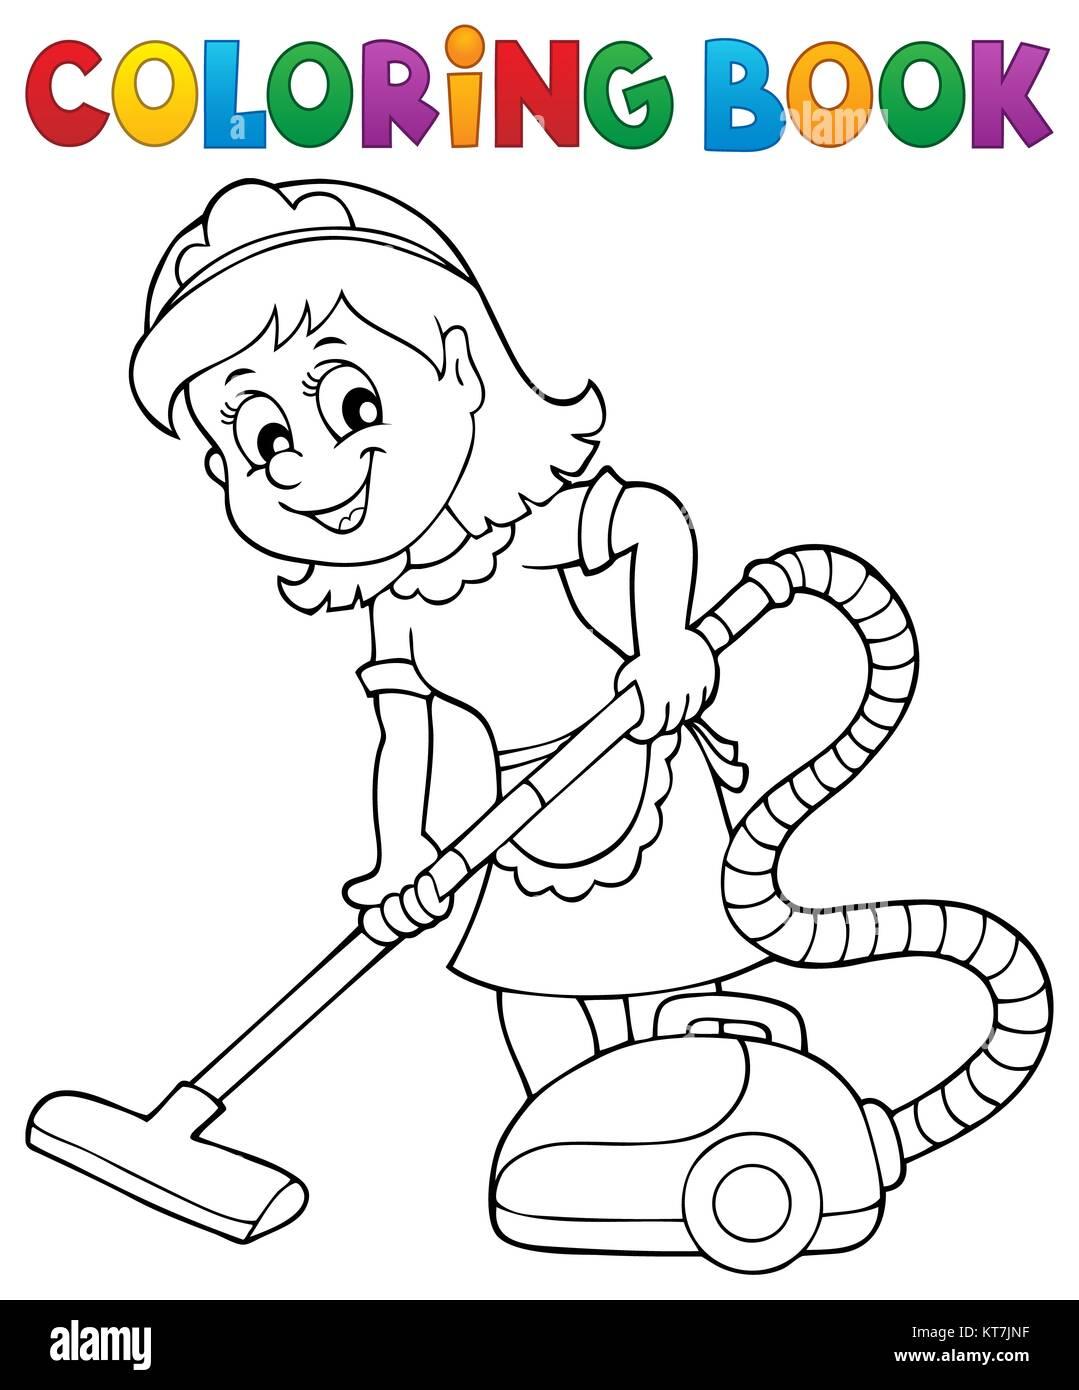 Libro Para Colorear De Dama De Limpieza 1 Foto Imagen De Stock